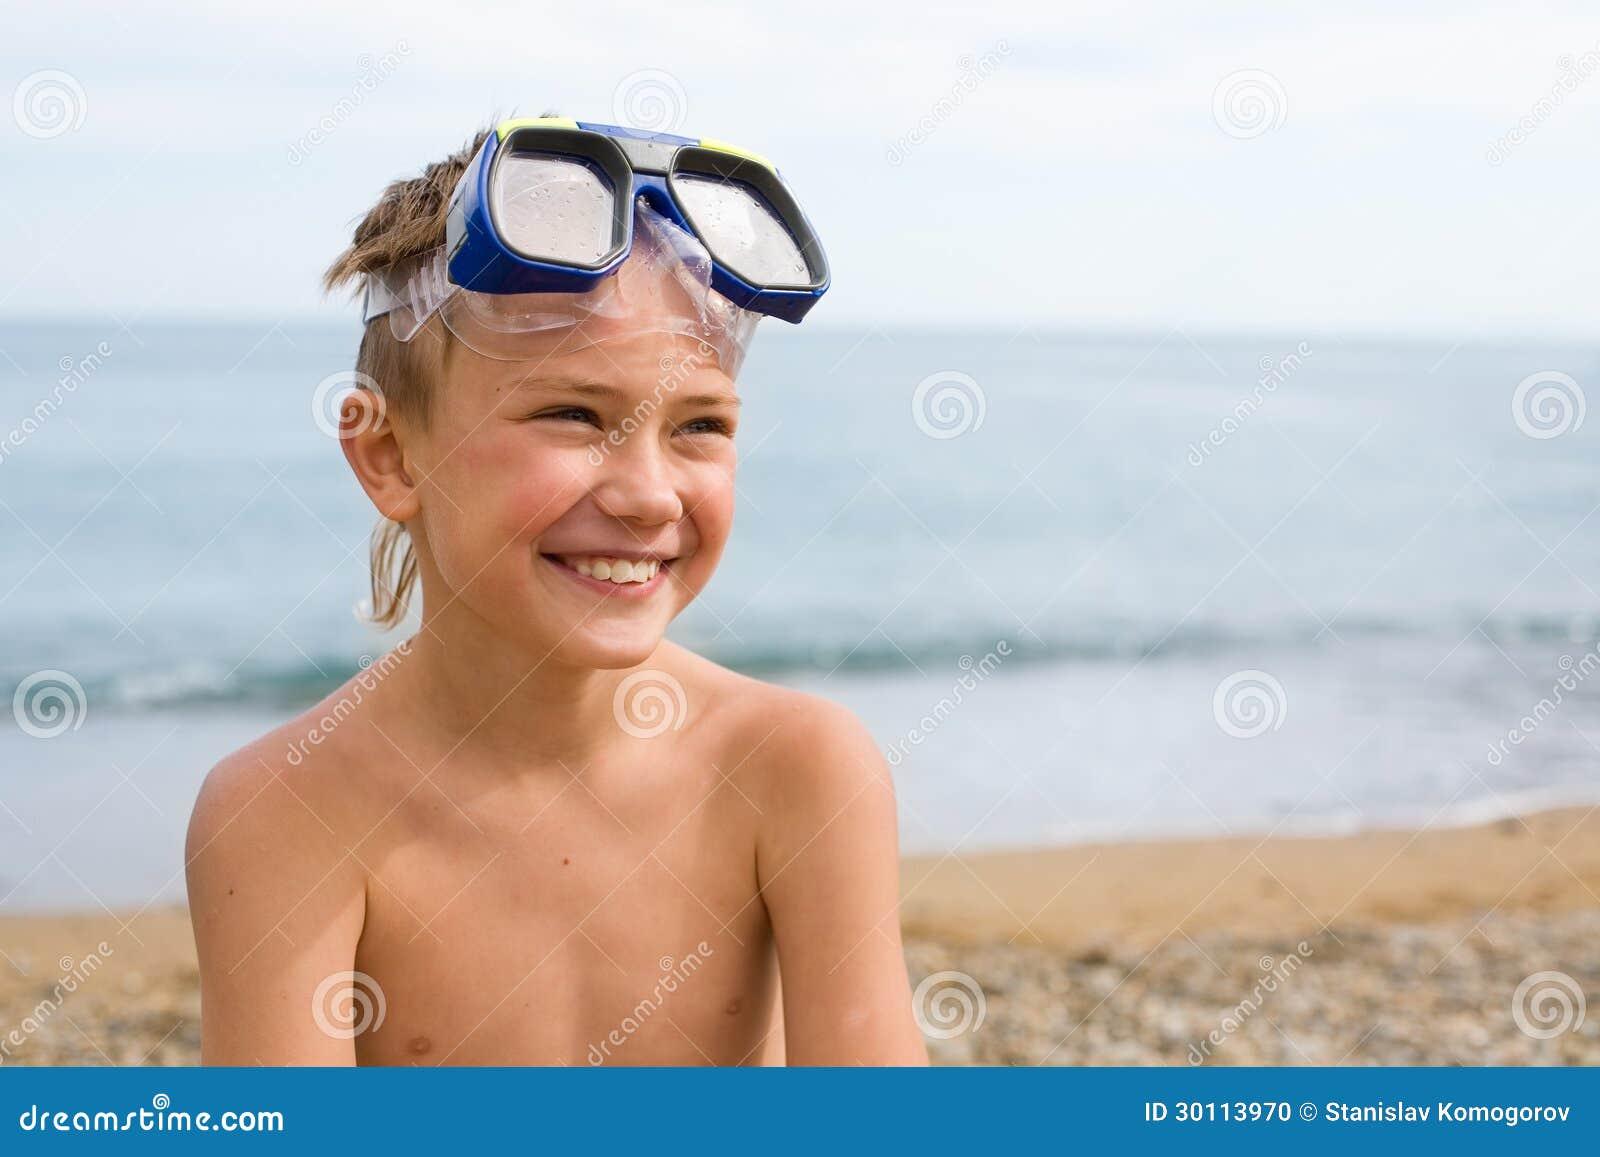 一个面具的男孩佩戴水肺的潜水的。